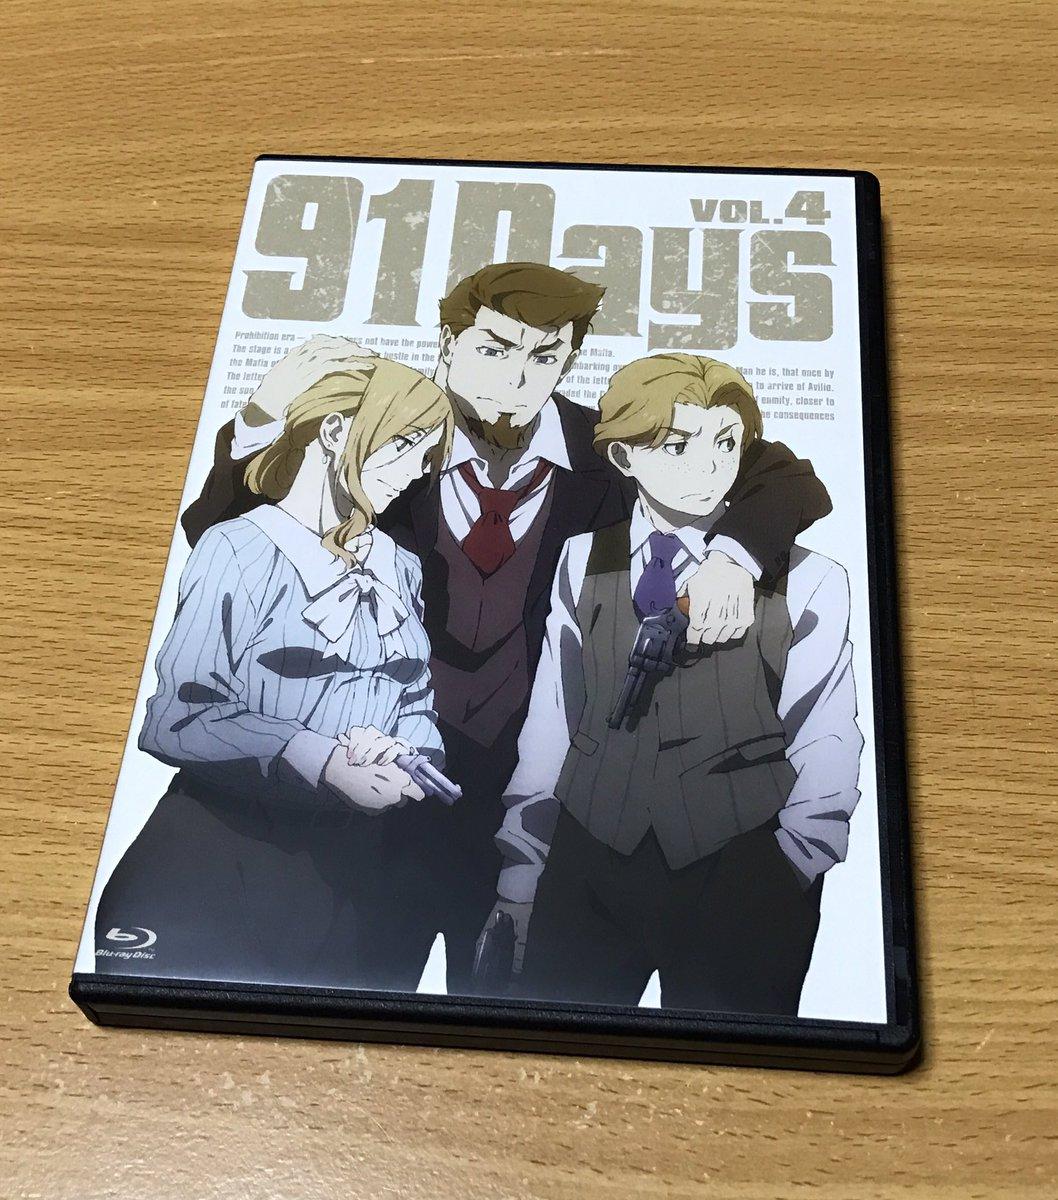 さらに『91Days』Blu-ray第4巻、きたーーー!この三兄妹の構図は…深い…拳銃が…コメンタリーはファンゴ役の津田